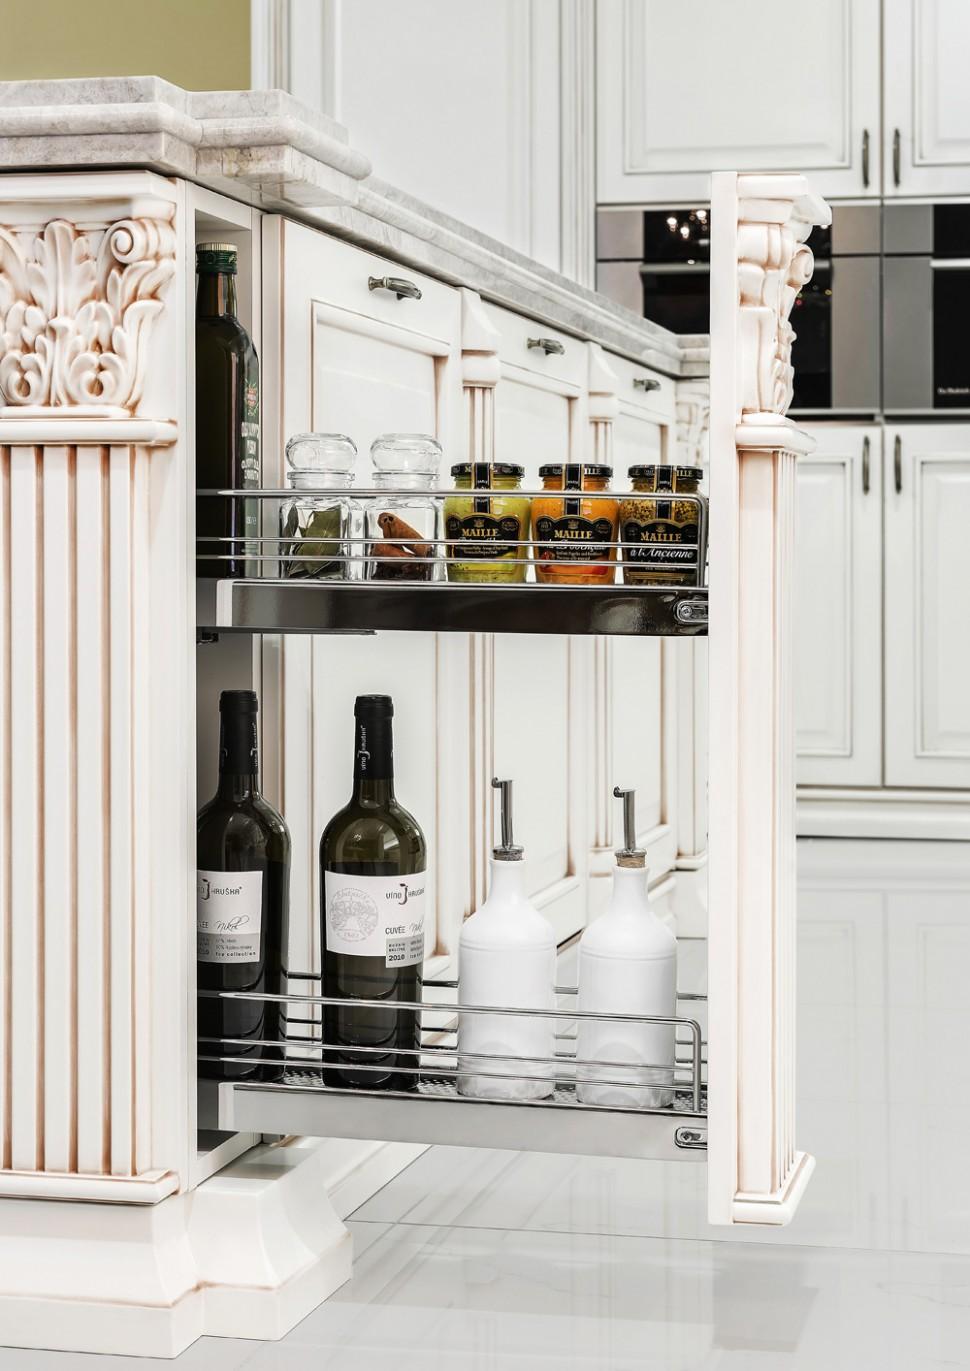 ROYAL kitchen – HANÁK NÁBYTEK | Kvalitní kuchyně, nábytek a ...